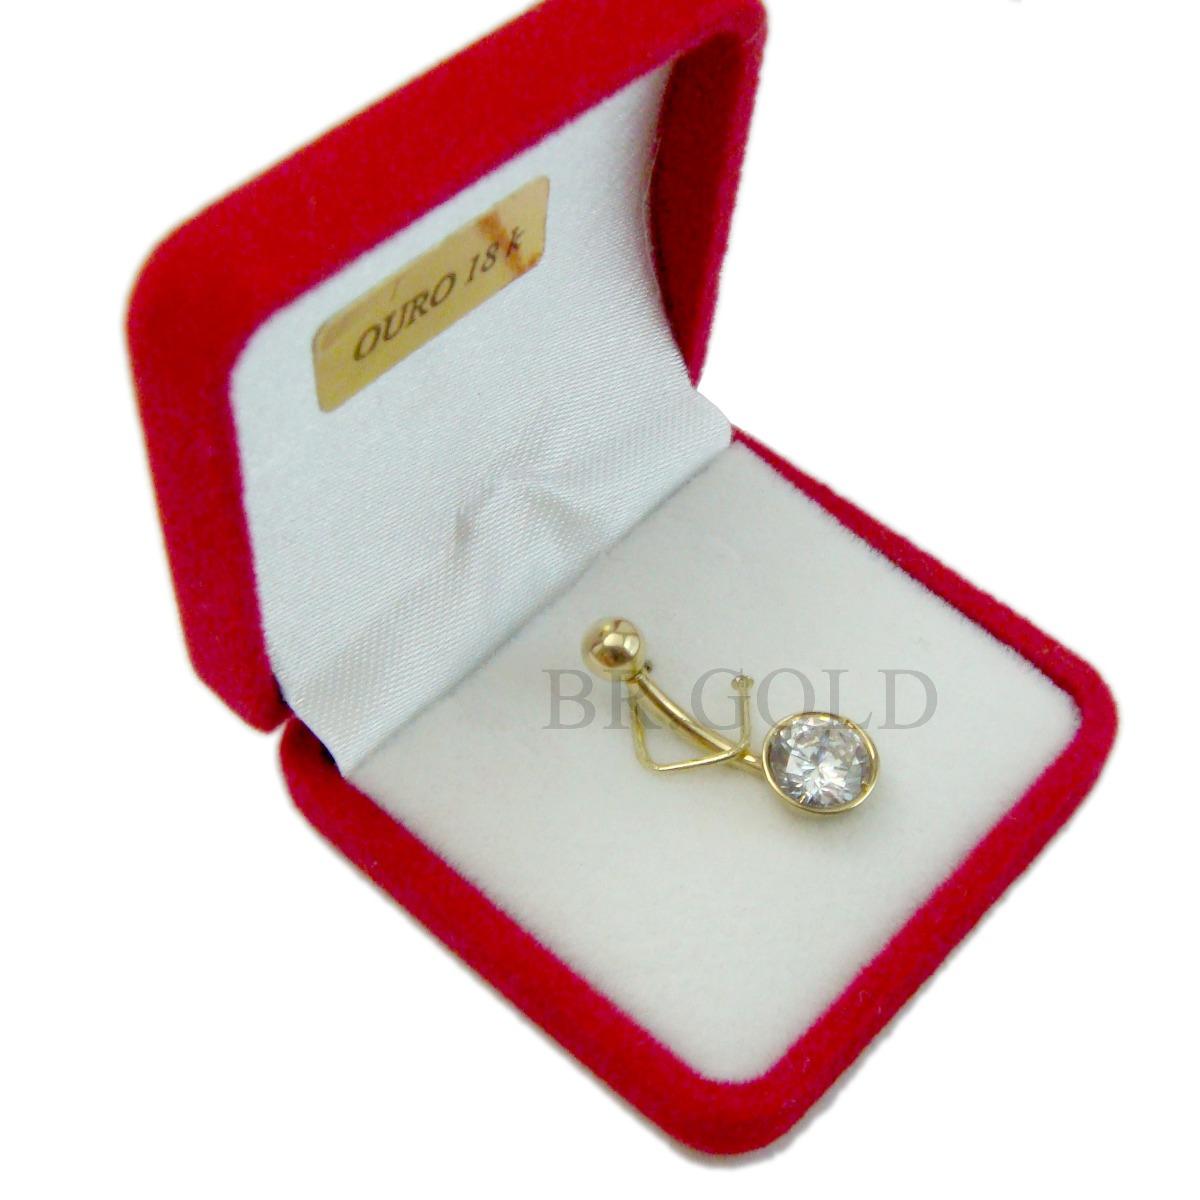 Piercing de umbigo barriga em ouro 18k pedra zirc nia r - Porta piercing ...